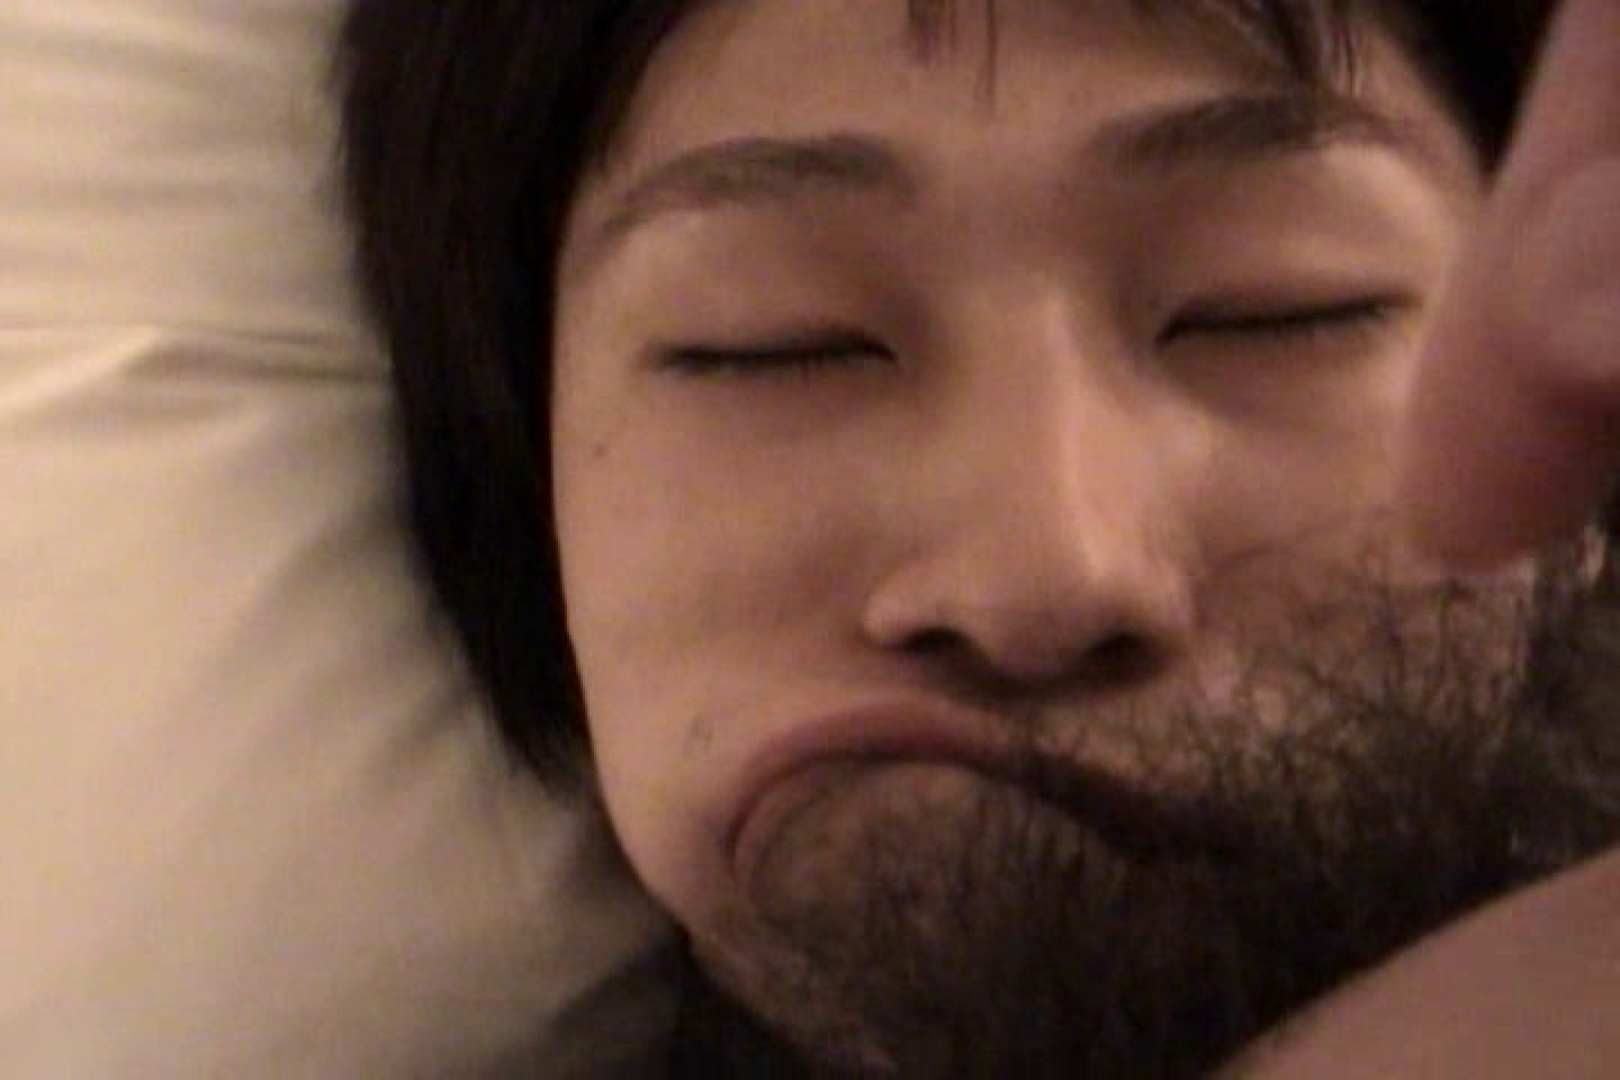 三ツ星シリーズ 魅惑のMemorial Night!! vol.02 ハメ撮り ゲイエロビデオ画像 113枚 57